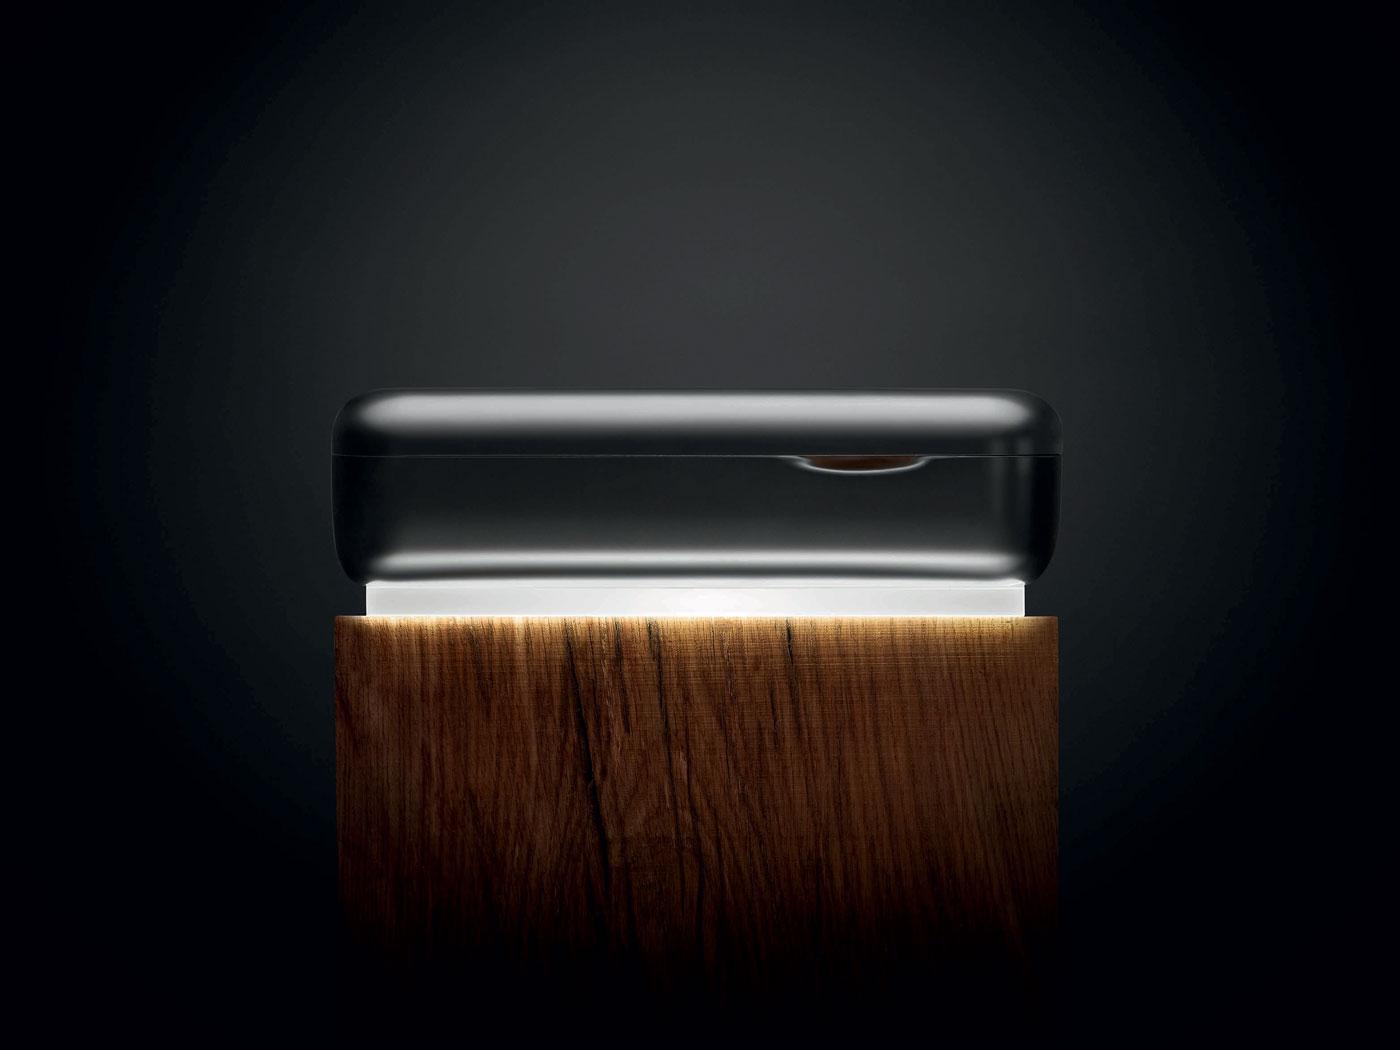 Nespresso - Hawaii Kona - Un design pensé par l'agence de design de Paris Partisan du Sens.